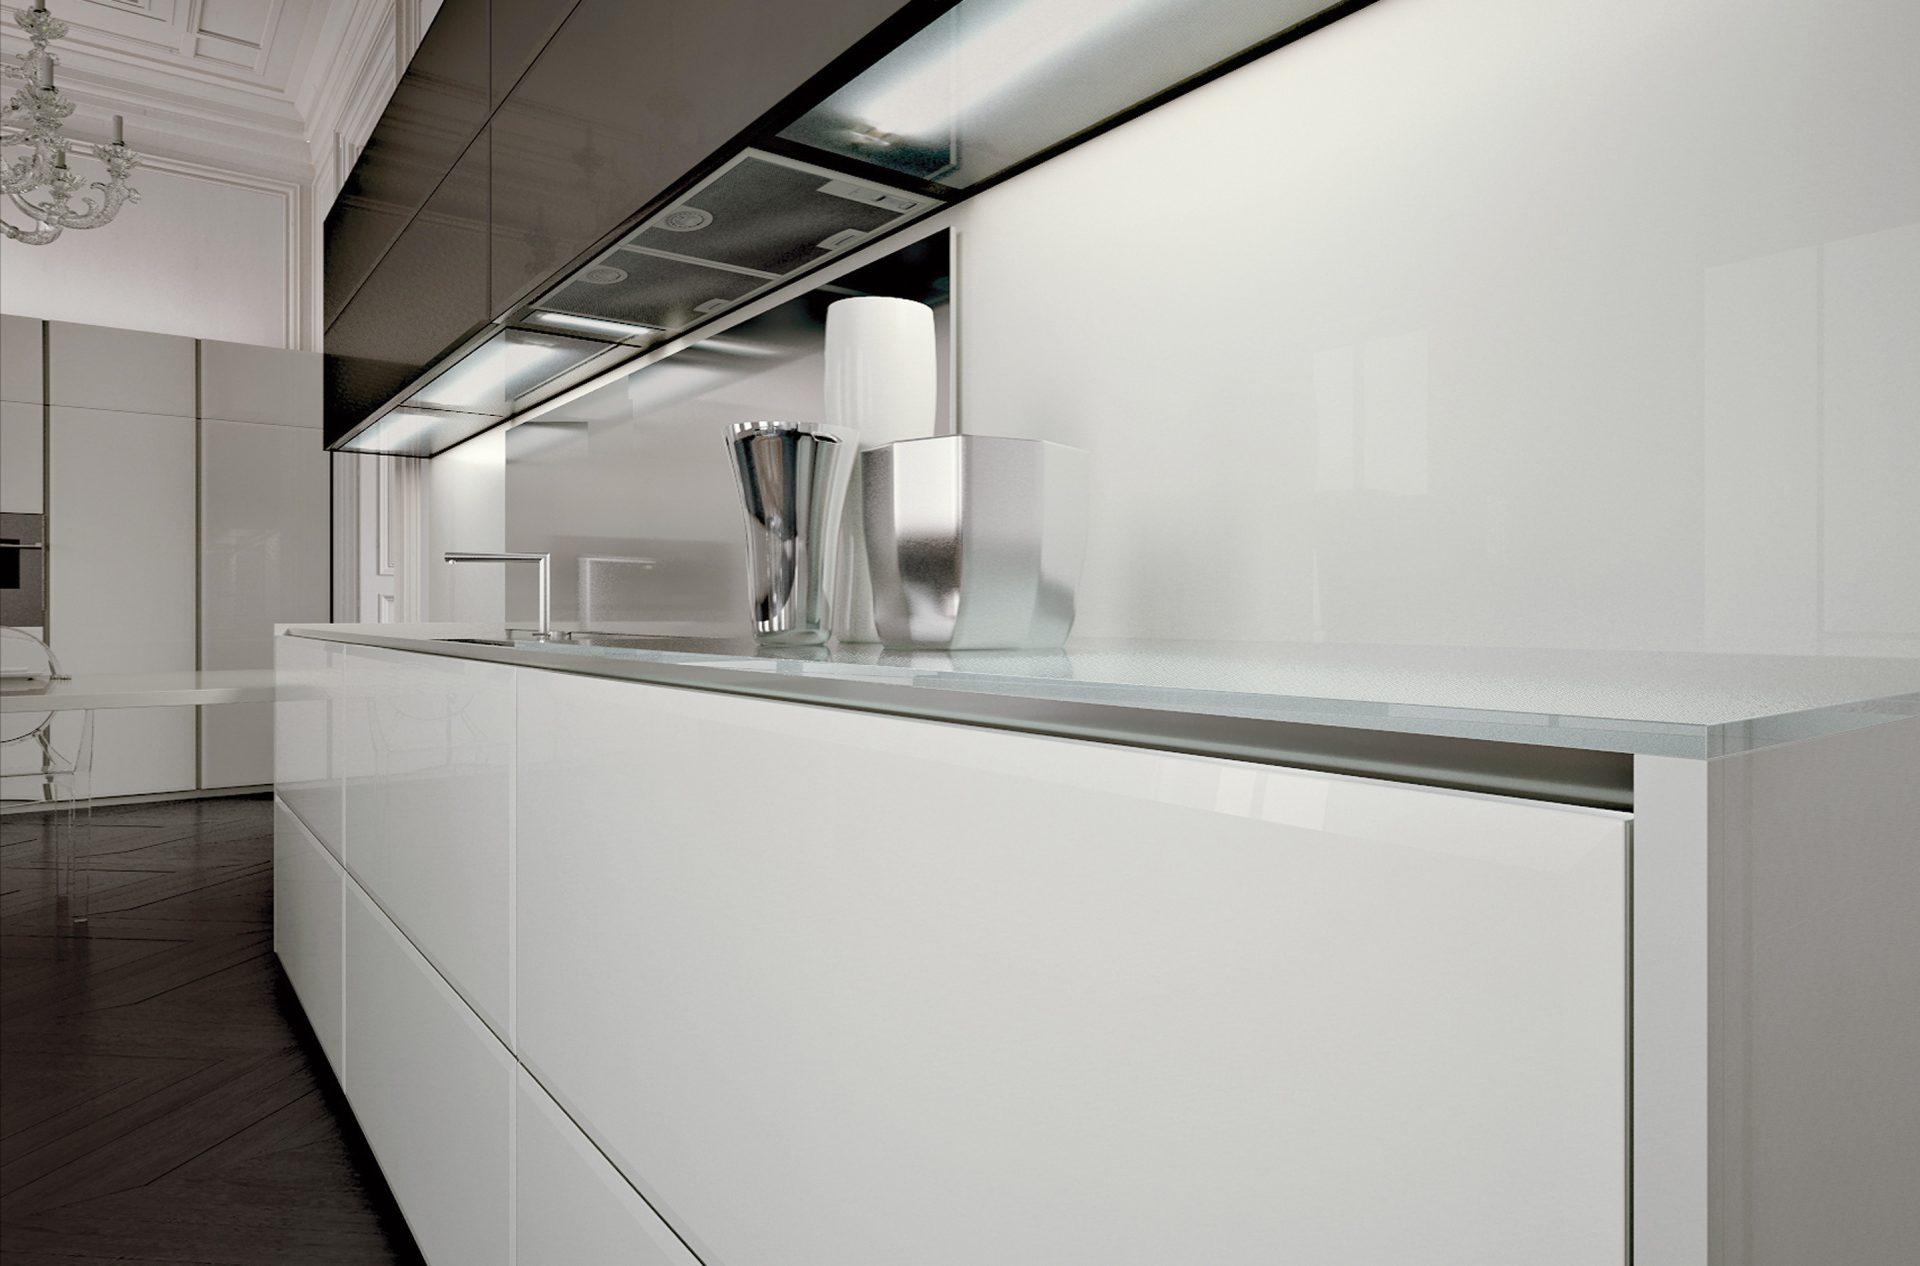 Cucina Conchiglia - DESIGN Kitchens Collection - SCIC Italia